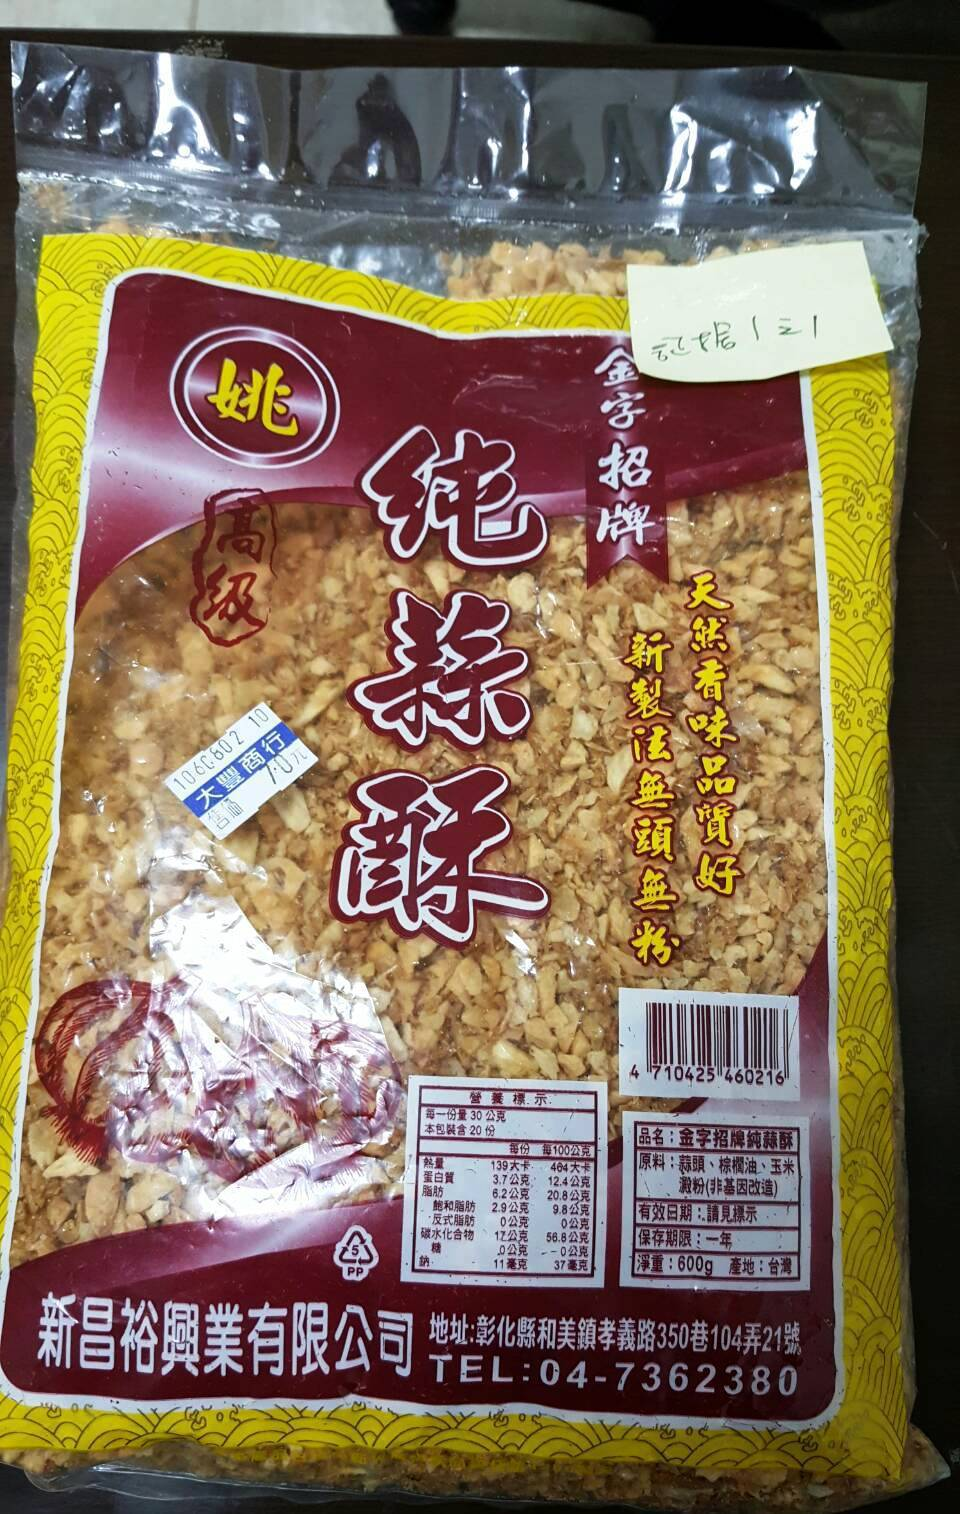 彰化縣20多年老牌的「純蒜酥」,遭人檢舉摻混大陸進口的蒜頭、蠶豆混合豆仁,造成有...